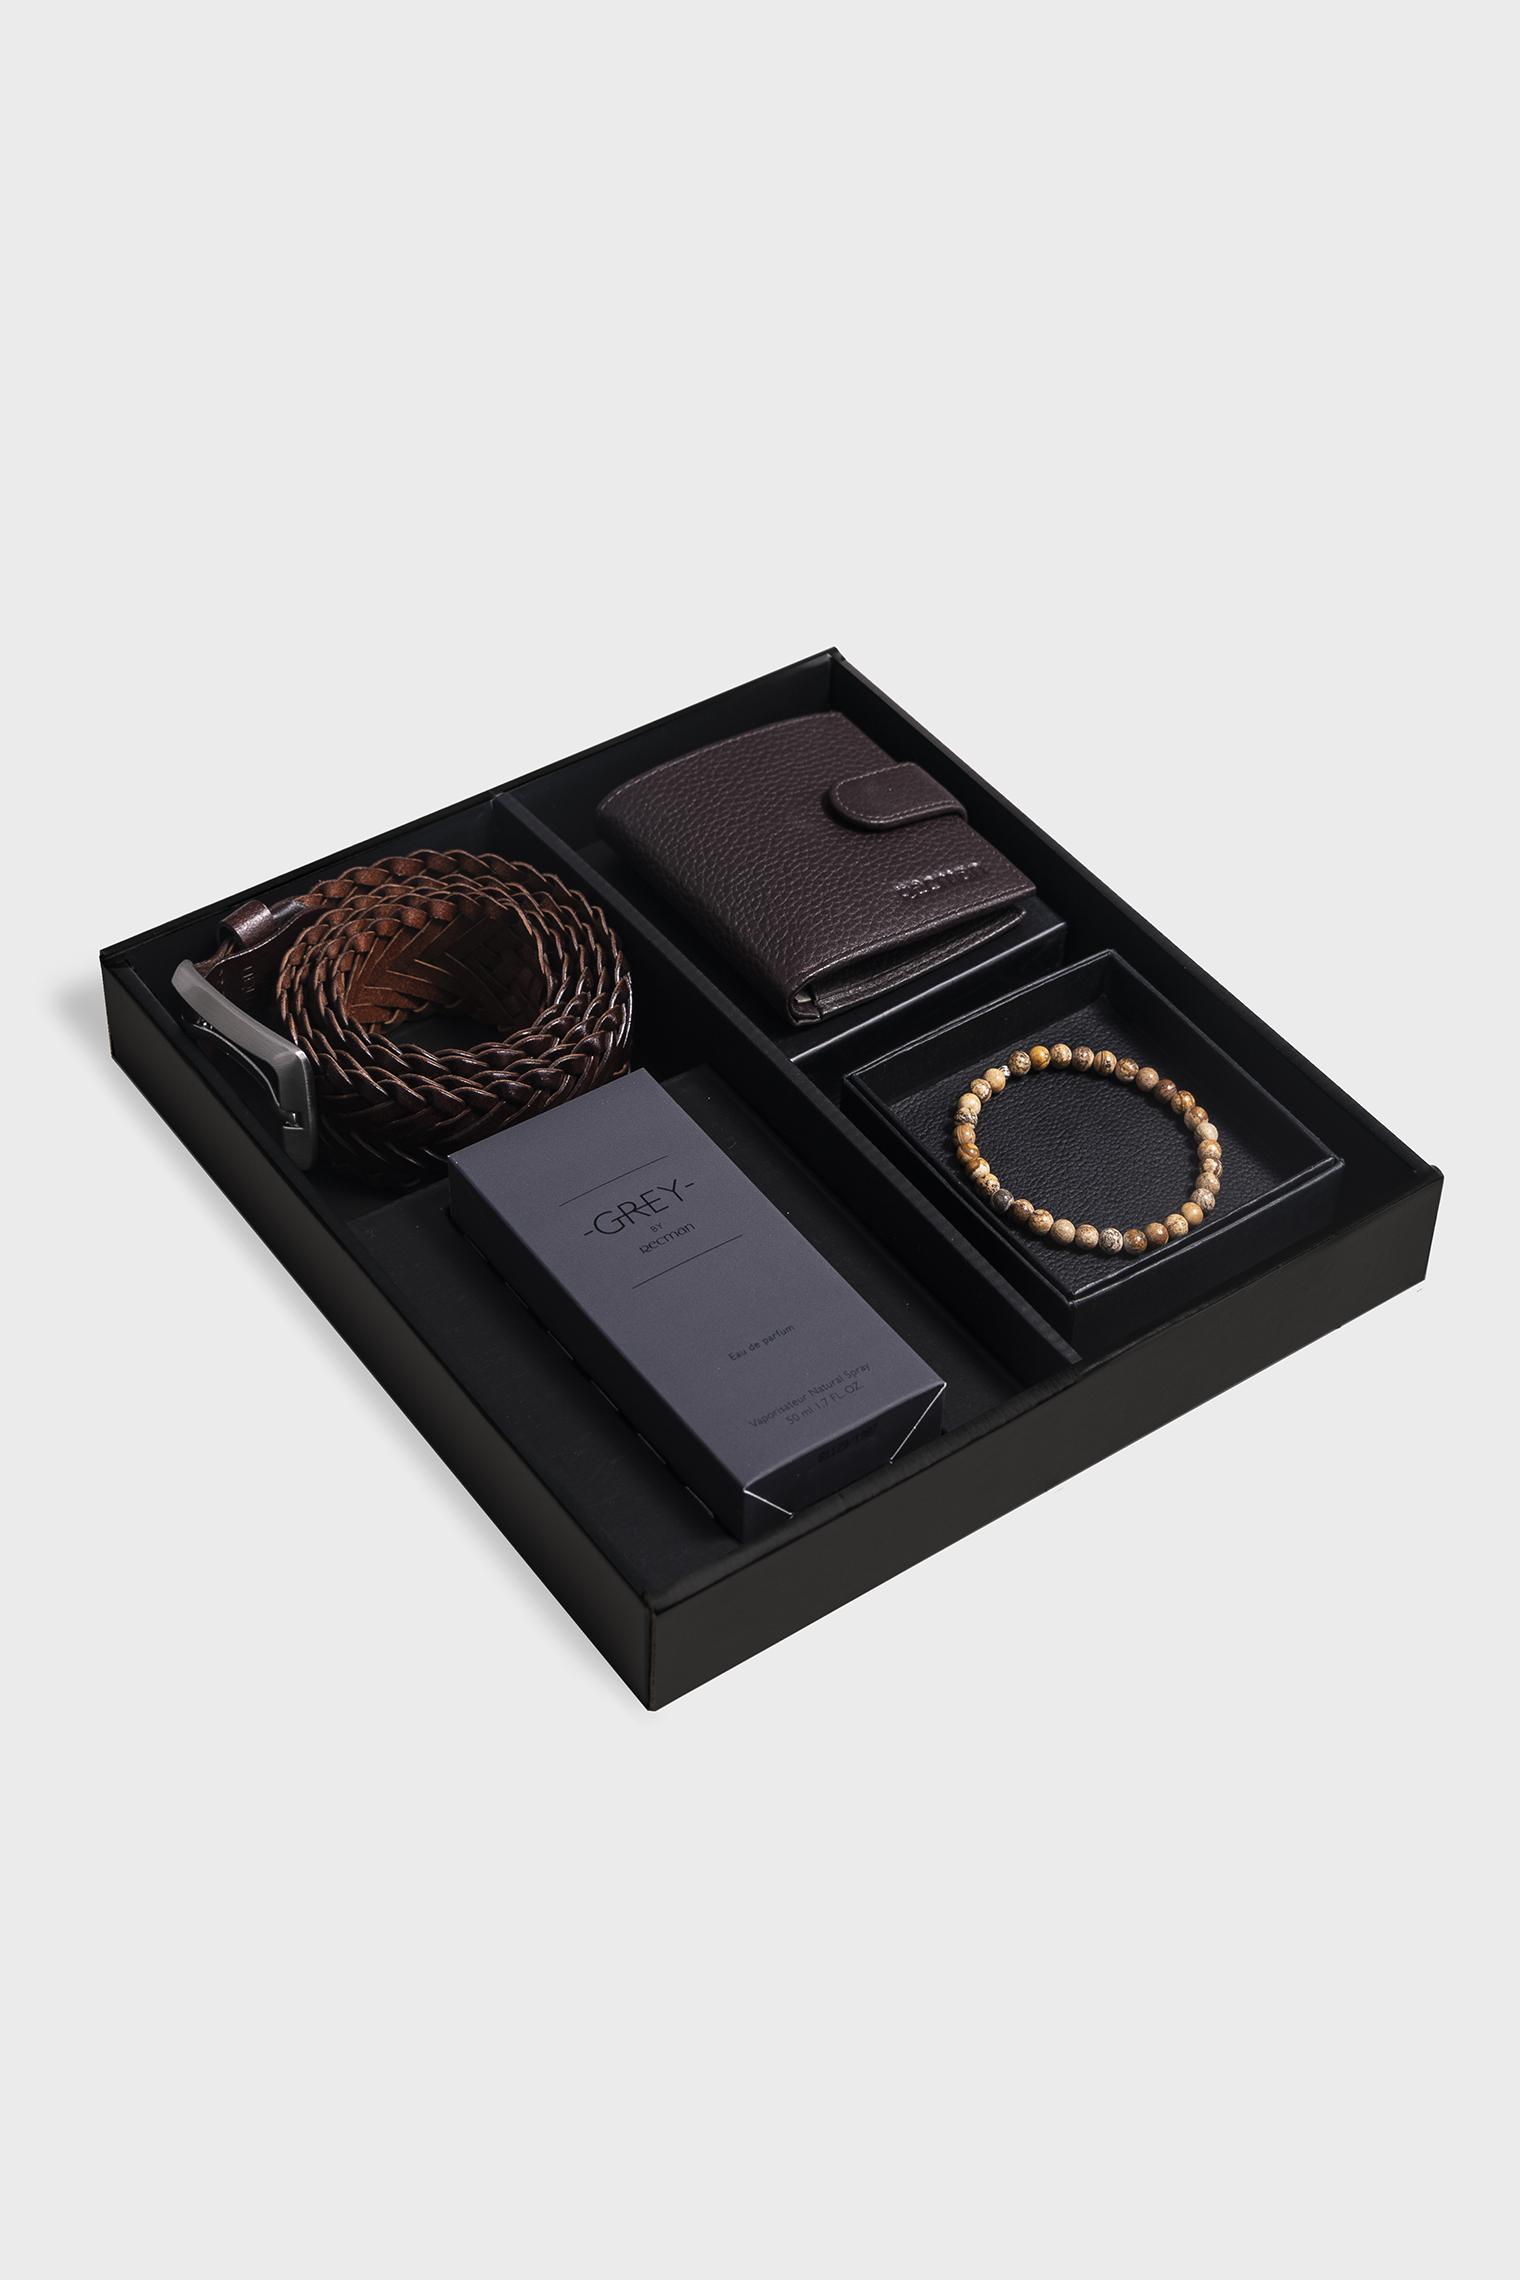 Zestaw prezentowy na imieniny dla mężczyzny – wariant z portfelem